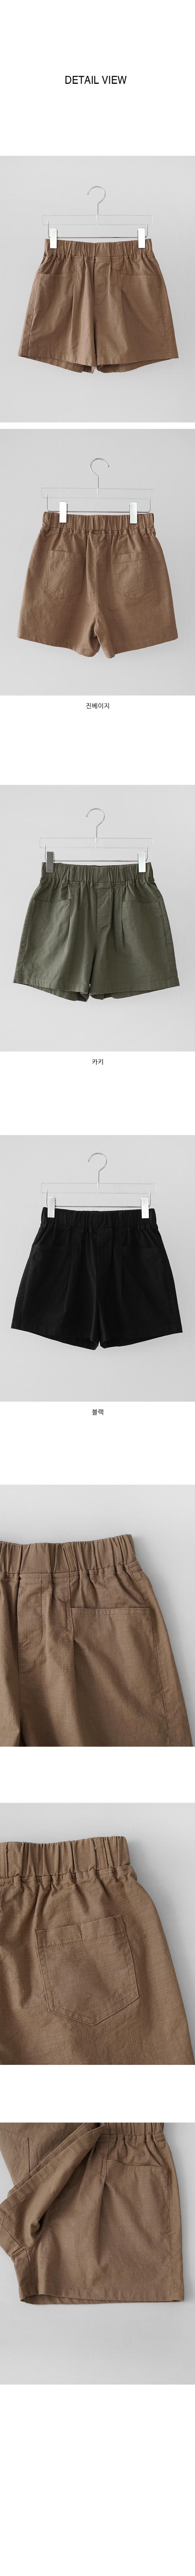 casual banding shorts